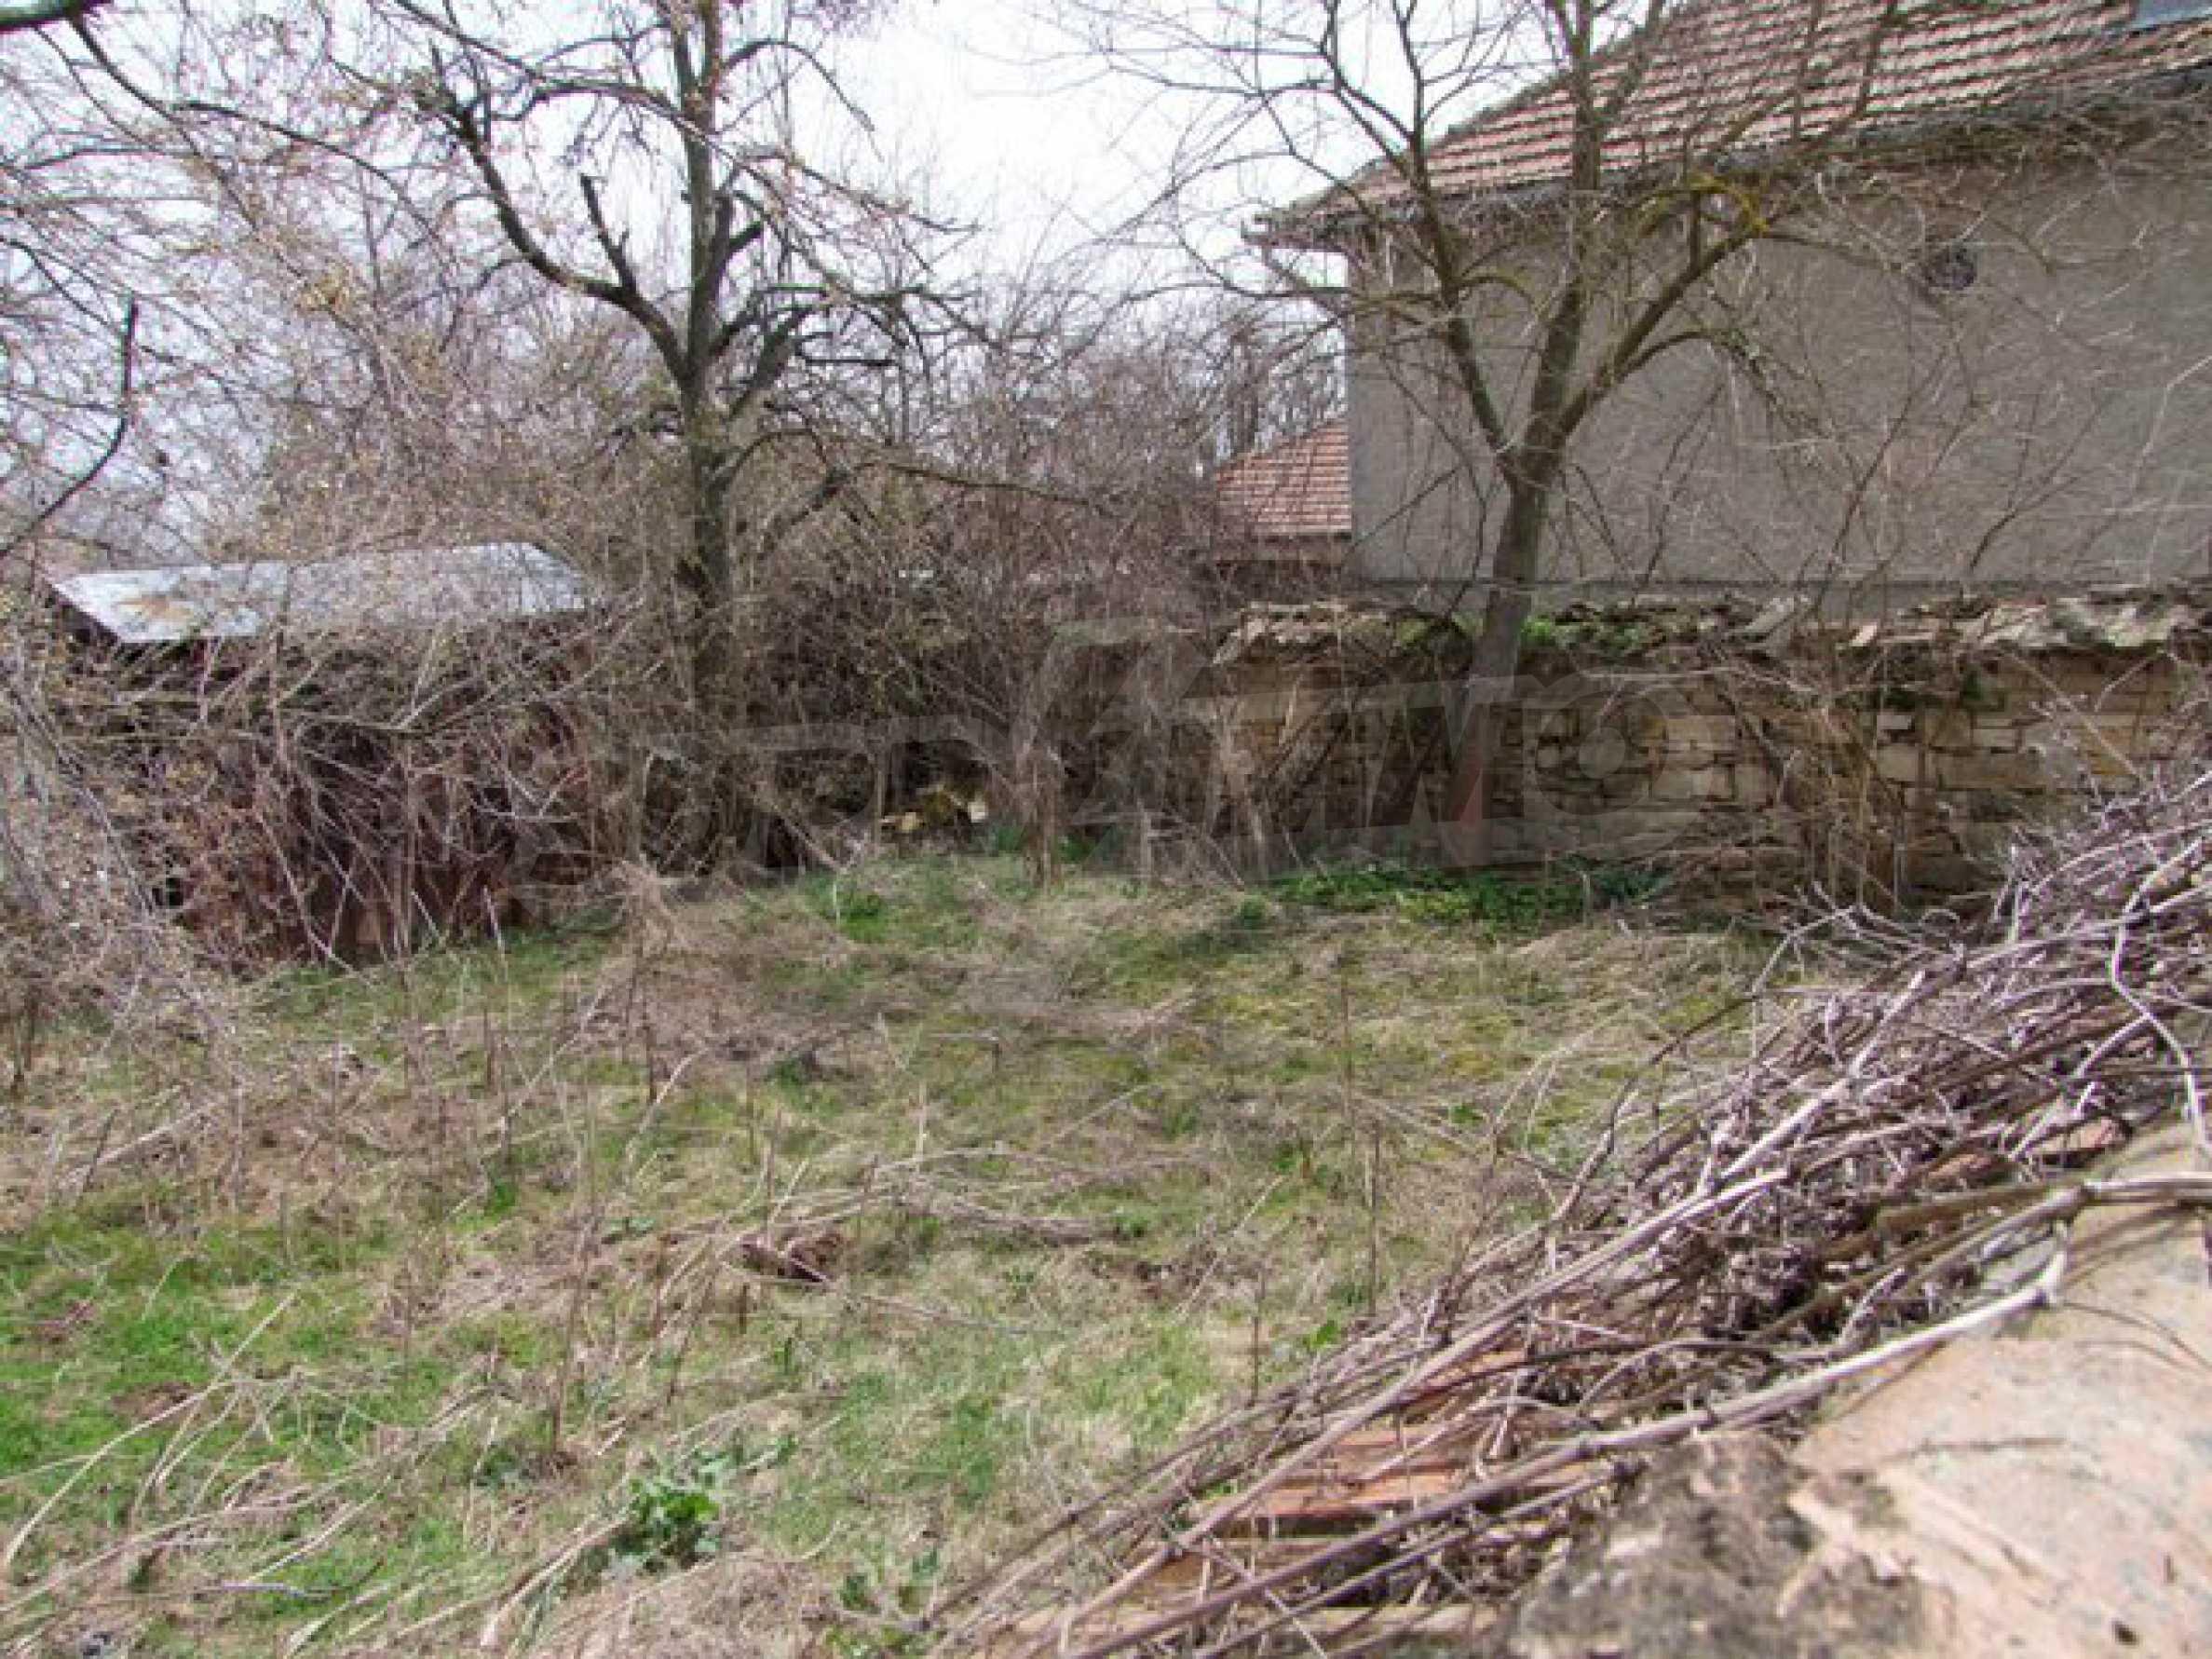 Backsteinhaus in einem Dorf, nur 100 Meter von der Hauptstraße entfernt 29